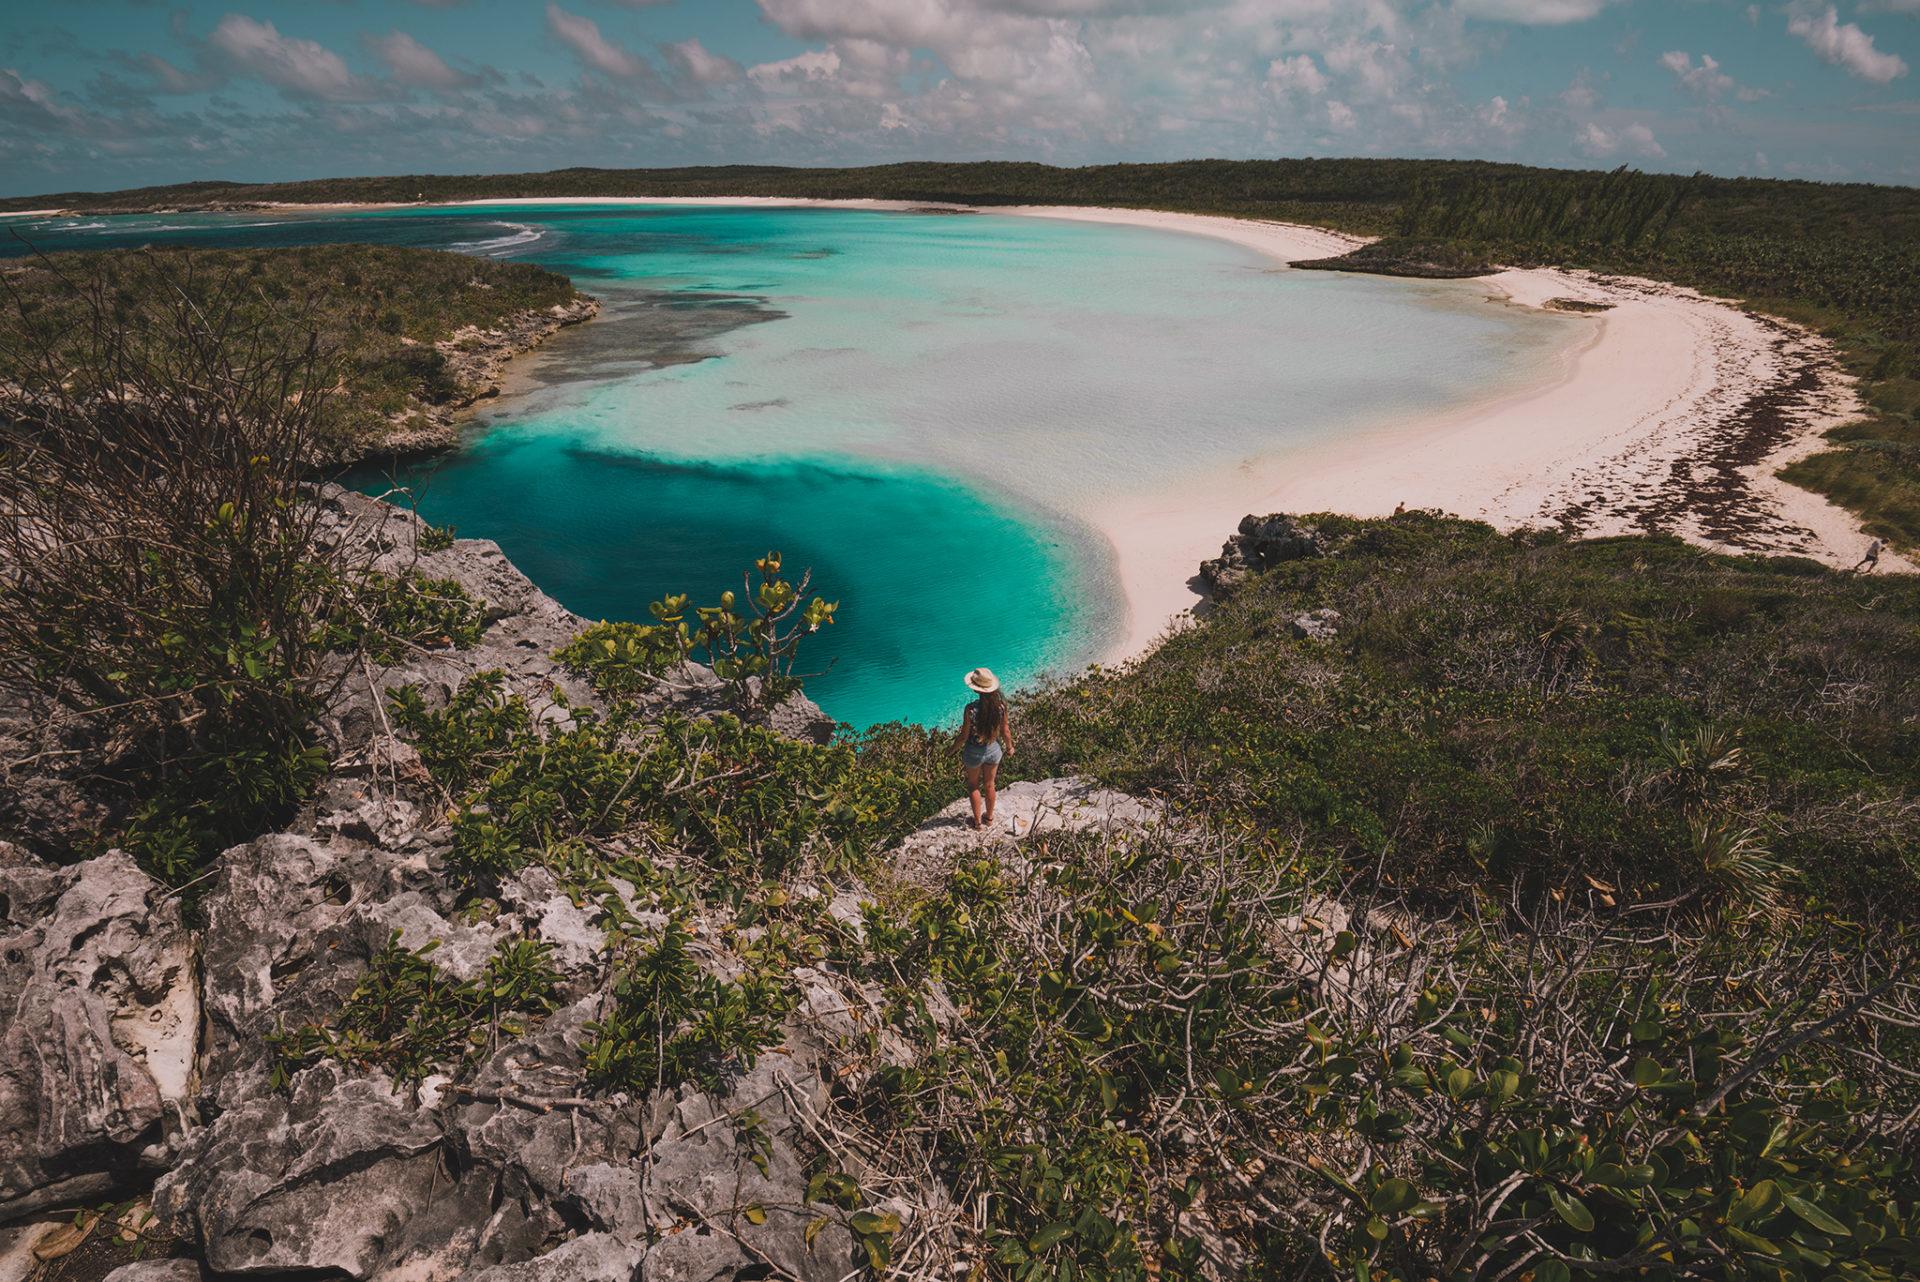 voir dean's blue hole long island, bahamas